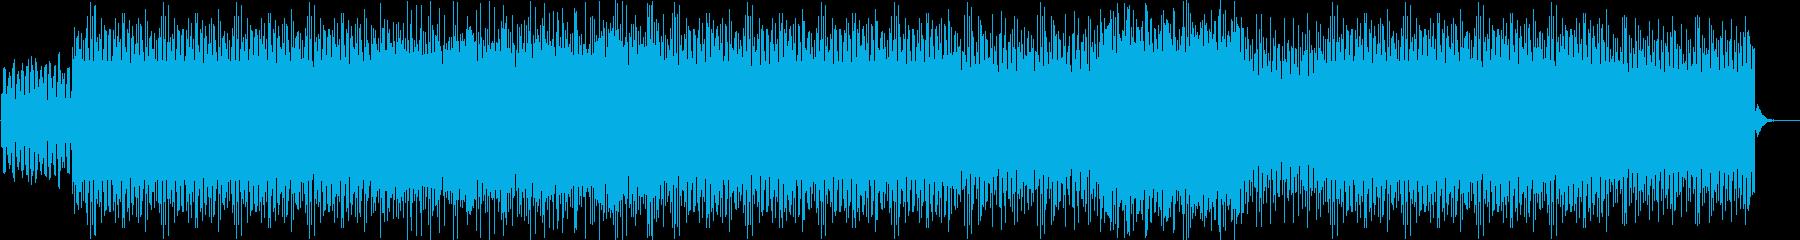 無機質なミニマルテクノの再生済みの波形